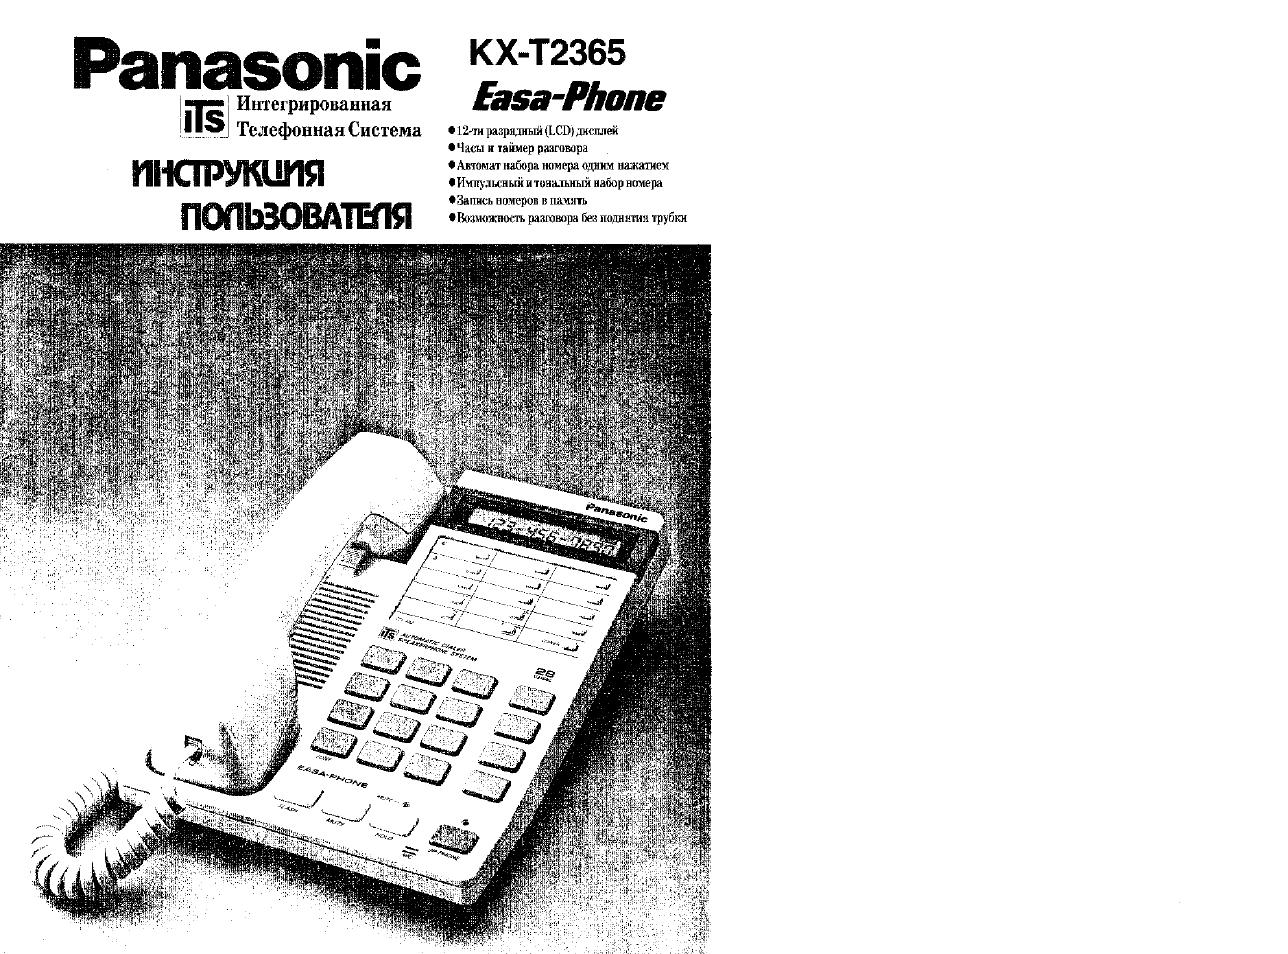 Телефоны panasonic инструкции по эксплуатации